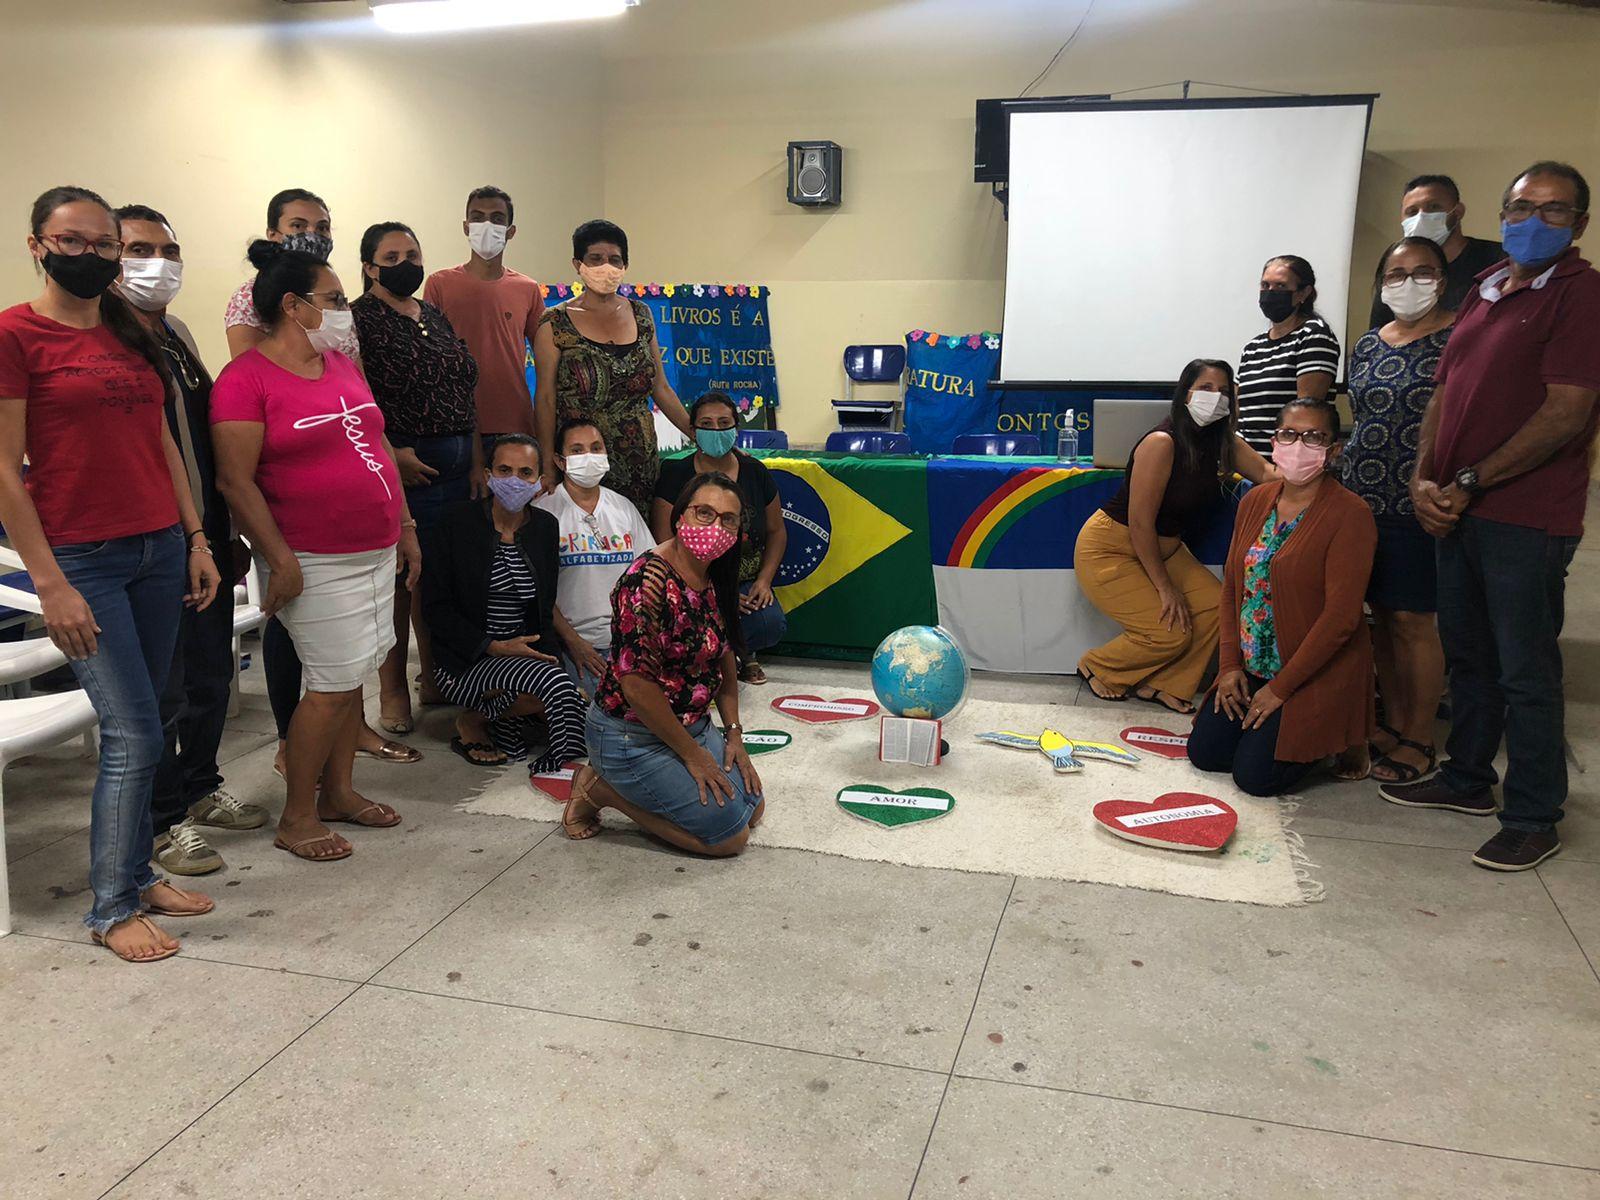 Secretaria de Tacaratu realiza primeiro encontro do Projeto de Educação para um Cultura de Paz na escola EMMGO